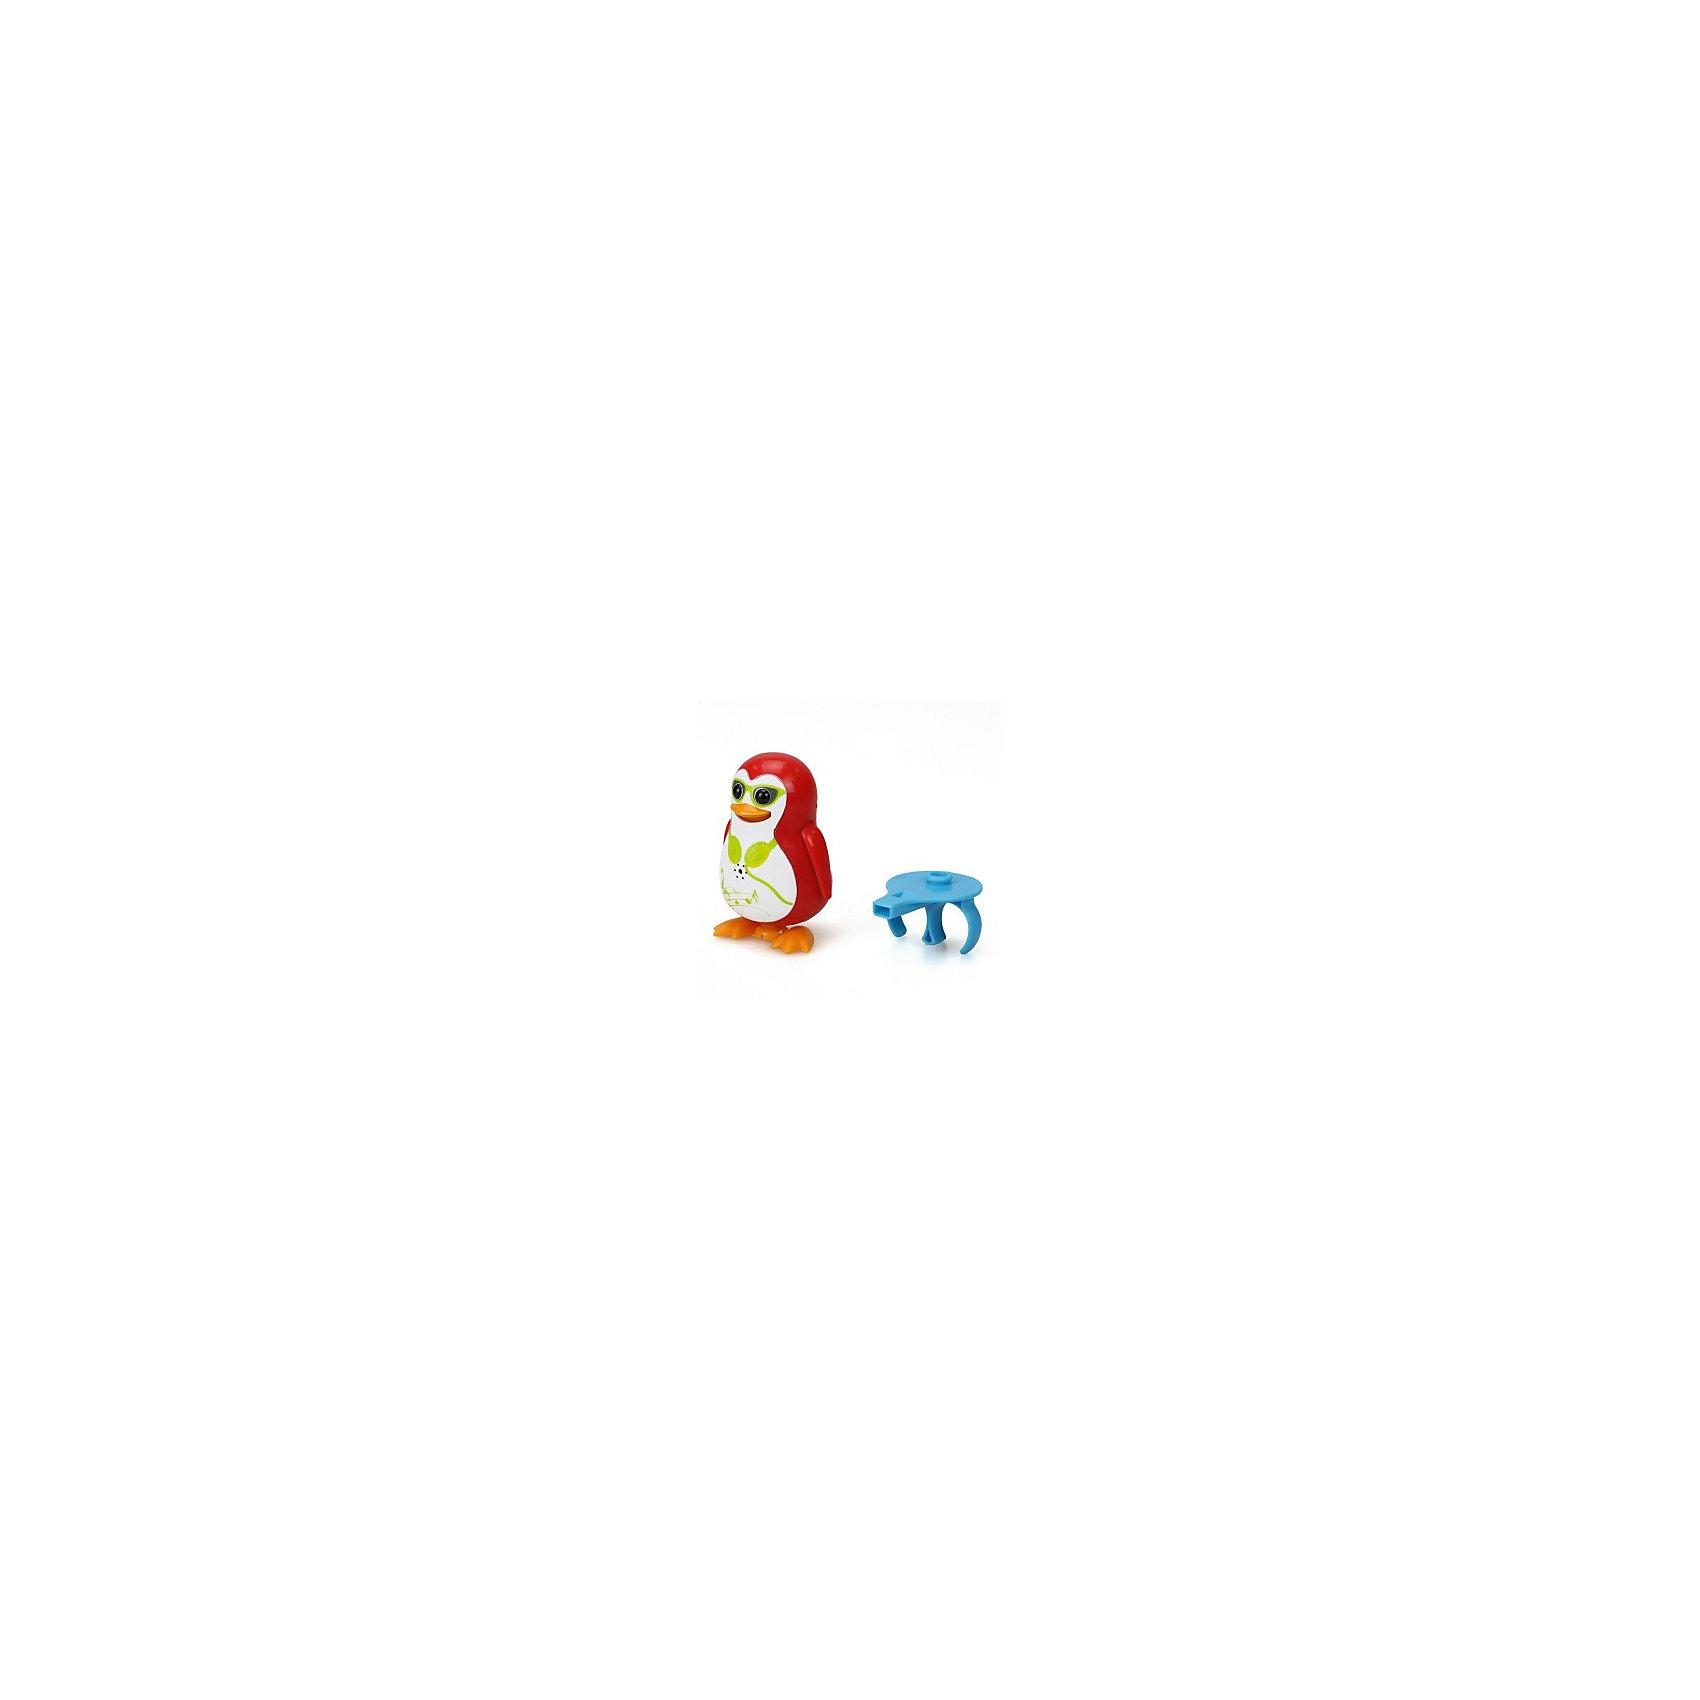 Поющий пингвин с кольцом, красный, DigiBirdsРобокар Поли<br>Поющий пингвин с кольцом, красный, DigiBirds, Silverlit (Сильверлит) ? интерактивная птичка от мирового производителя детских товаров Silverlit (Сильверлит). Очаровательный пингвин световыми и звуковыми эффектами. Его творческий репертуар состоит из 55 песенок, которые исполняются как в сольном виде, так и в хоровом. Имея столь разнообразный репертуар, эта игрушка вряд ли быстро наскучит вашему ребенку. Активируется игрушка тремя способами: на нее достаточно подуть или посвистеть в свисток, который идет в комплекте, или резко взмахнуть по воздуху, держа птичку в руке. Кроме того, пингвин умеет танцевать: в такт музыке машет крыльями, покачивает корпусом, поворачивает головой и ракрывает клюв. Кроме того, каждый пингвин наделен своим уникальным движением.<br>Поющий пингвин с кольцом, красный, DigiBirds, Silverlit (Сильверлит) ? совершенно уникальная игрушка, которая не только развлекает вашего ребенка, но и занимается его музыкальным развитием. В первую очередь, она способствует формированию музыкального слуха и памяти. Простые действия: подуть в свисток, подуть на пингвина ? простые, но очень эффективные упражнения, которые направлены на развитие речевого аппарата.<br>Поющий пингвин с кольцом, красный, DigiBirds, Silverlit (Сильверлит) ? это миниатюрный музыкальный центр для вашего ребенка. <br><br>Дополнительная информация:<br><br>- Вид игр: сюжетно-ролевые игры <br>- Предназначение: для дома<br>Дополнительные функции: синхронизация со всеми персонажами DigiFriends<br>- Батарейки: 3 шт. LR44<br>- Материал: высококачественный пластик<br>- Размер (ДхШхВ): 6,4*15,2*10,2 см<br>- Вес: 91 г<br>- Комплектация: пингвин, свисток-кольцо для птички, инструкция, батарейки<br>- Особенности ухода: протирать влажной губкой<br><br>ВНИМАНИЕ! Данный артикул имеется в наличии в разных цветовых исполнениях (синий, фиолетовый, красный, черный, зеленый, желтый). К сожалению, заранее выбрать определенный цвет невозможно. <br><br